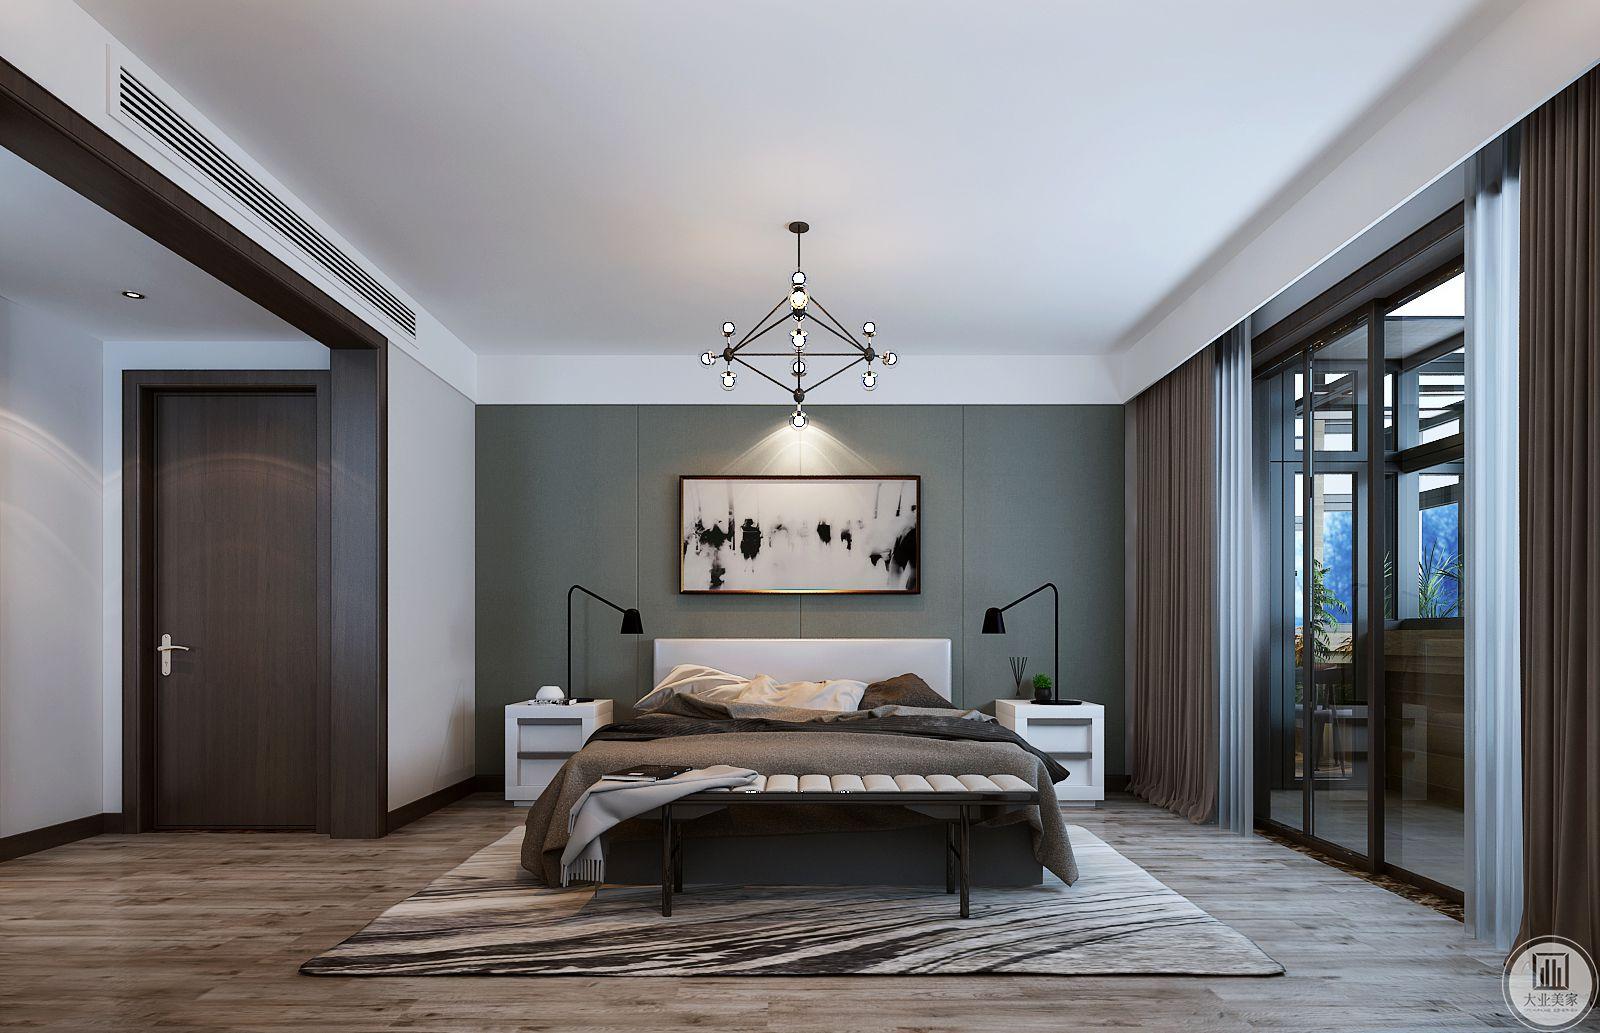 主卧是浅棕色的设计,墙面是深灰色的装修。